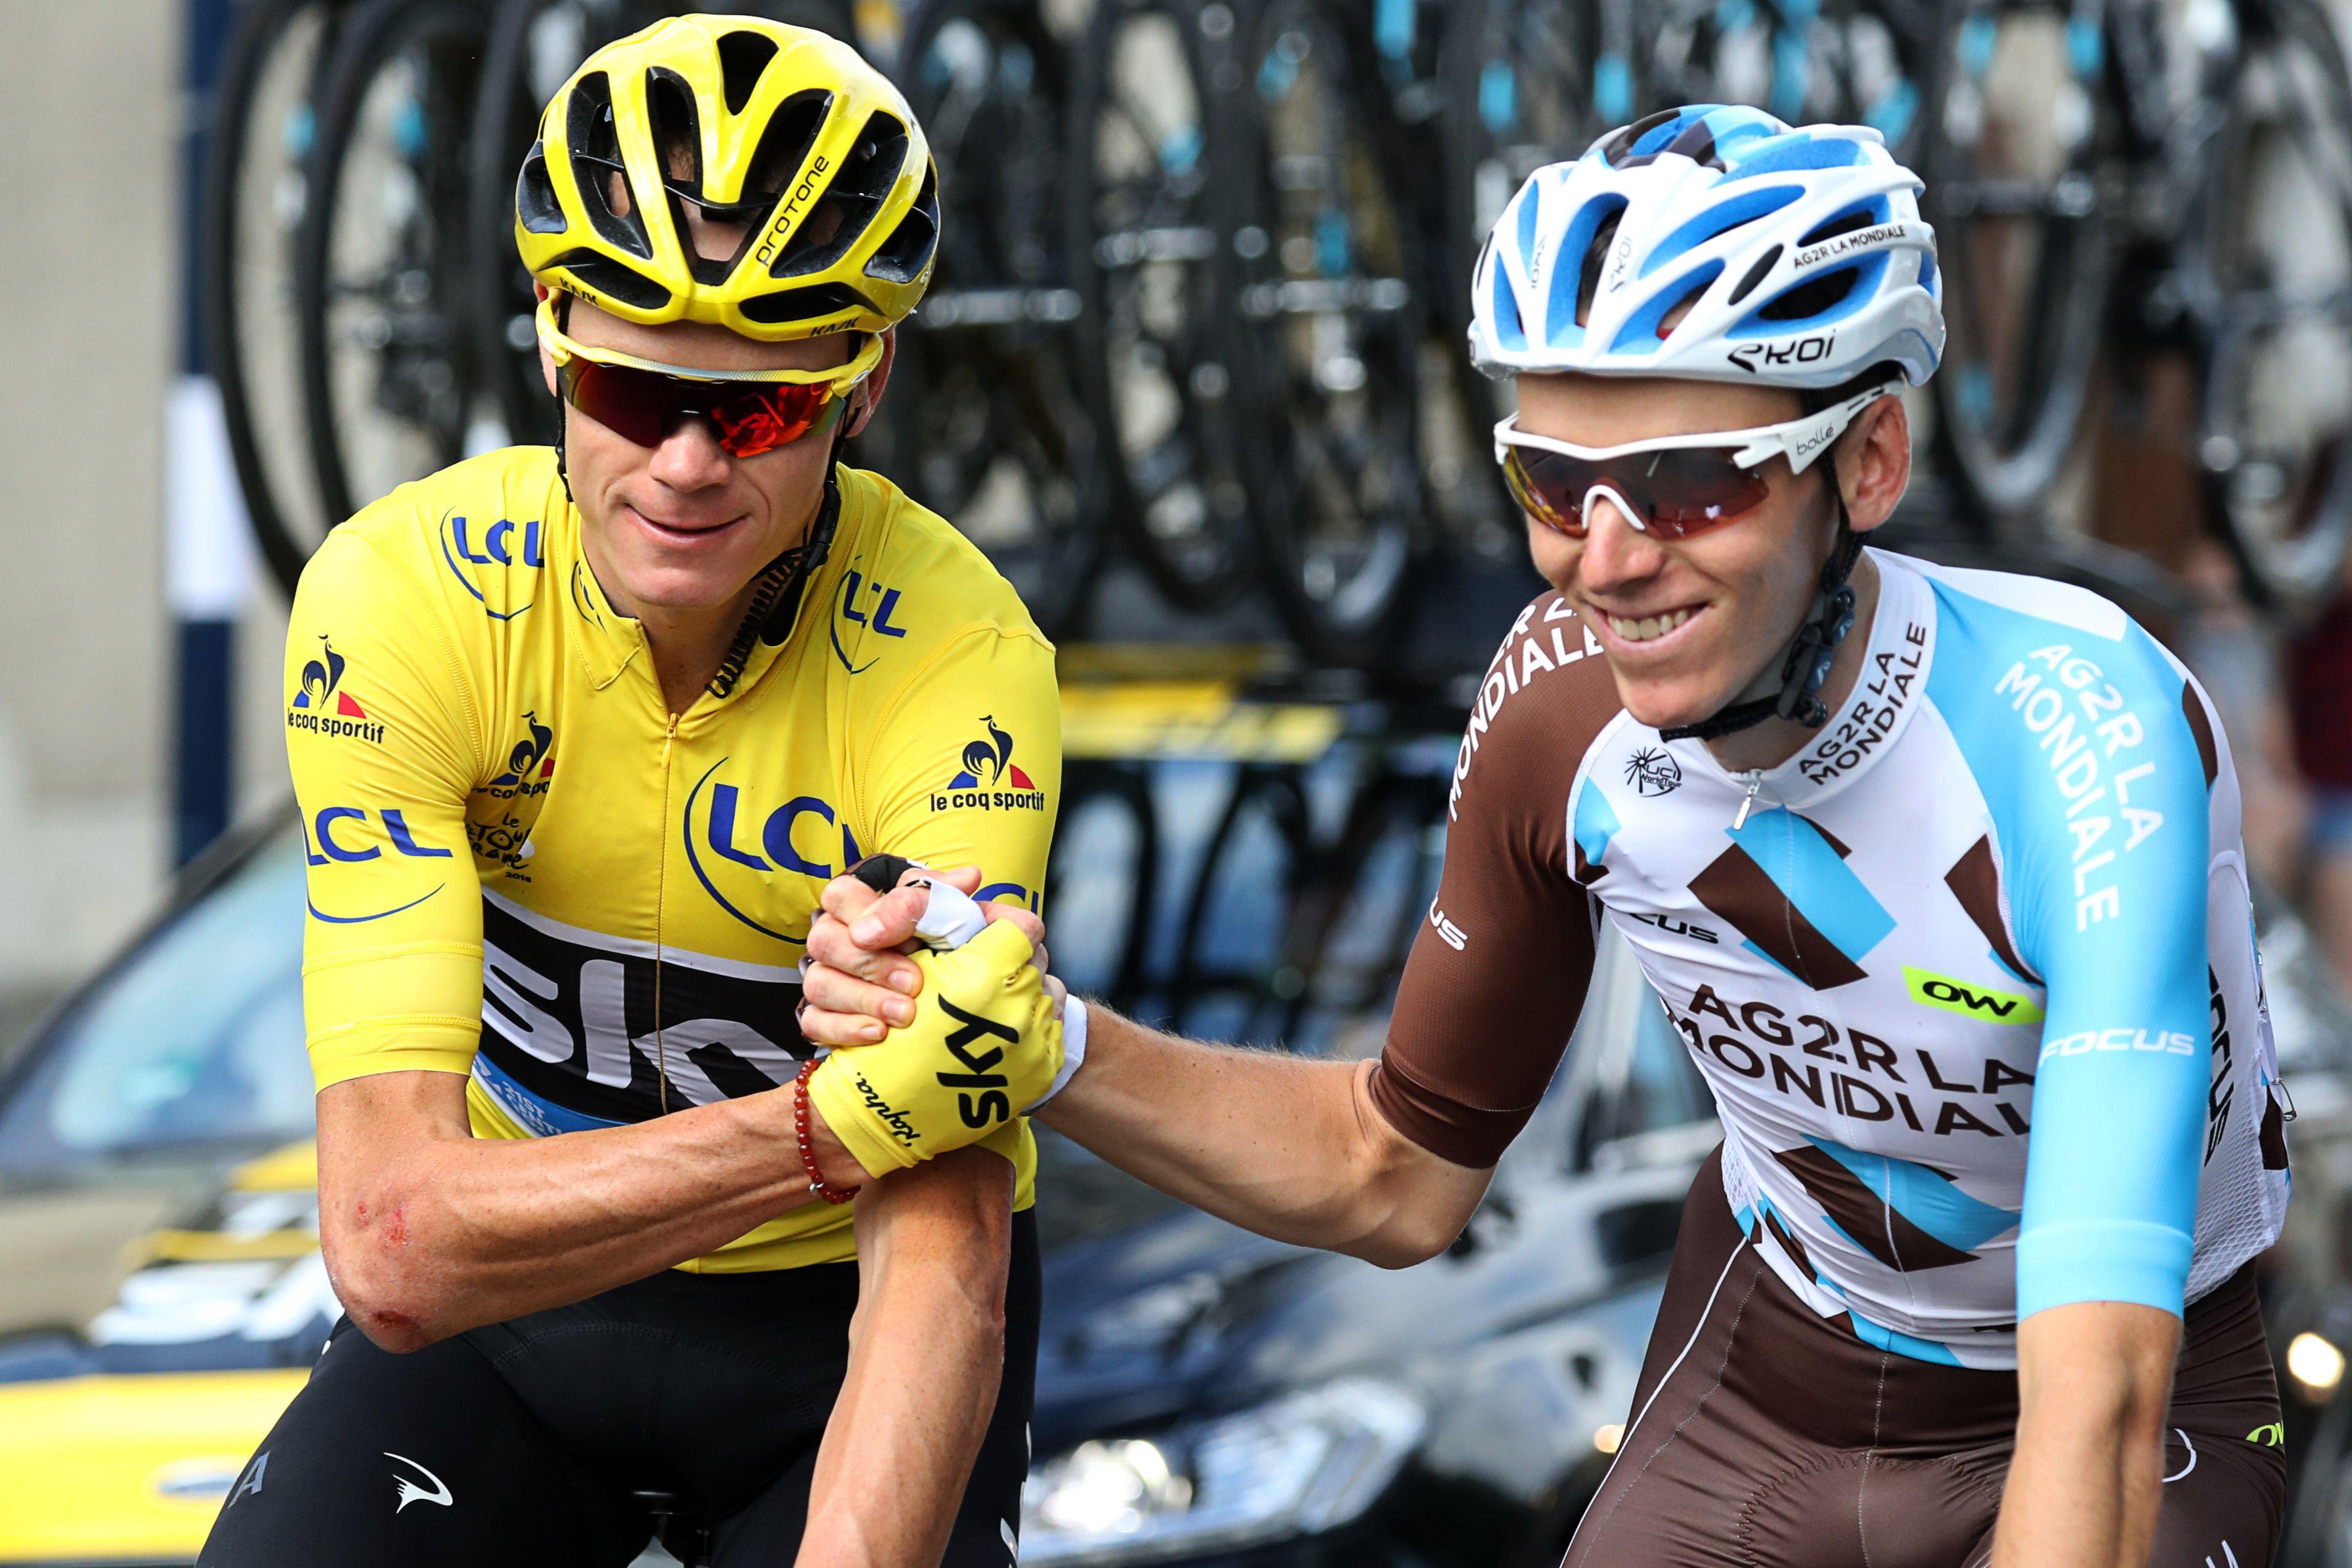 Lors de la dernière étape : Chris Froome et Romain Bardet, premier et deuxième de cette édition 2016. (phhoto AFP)